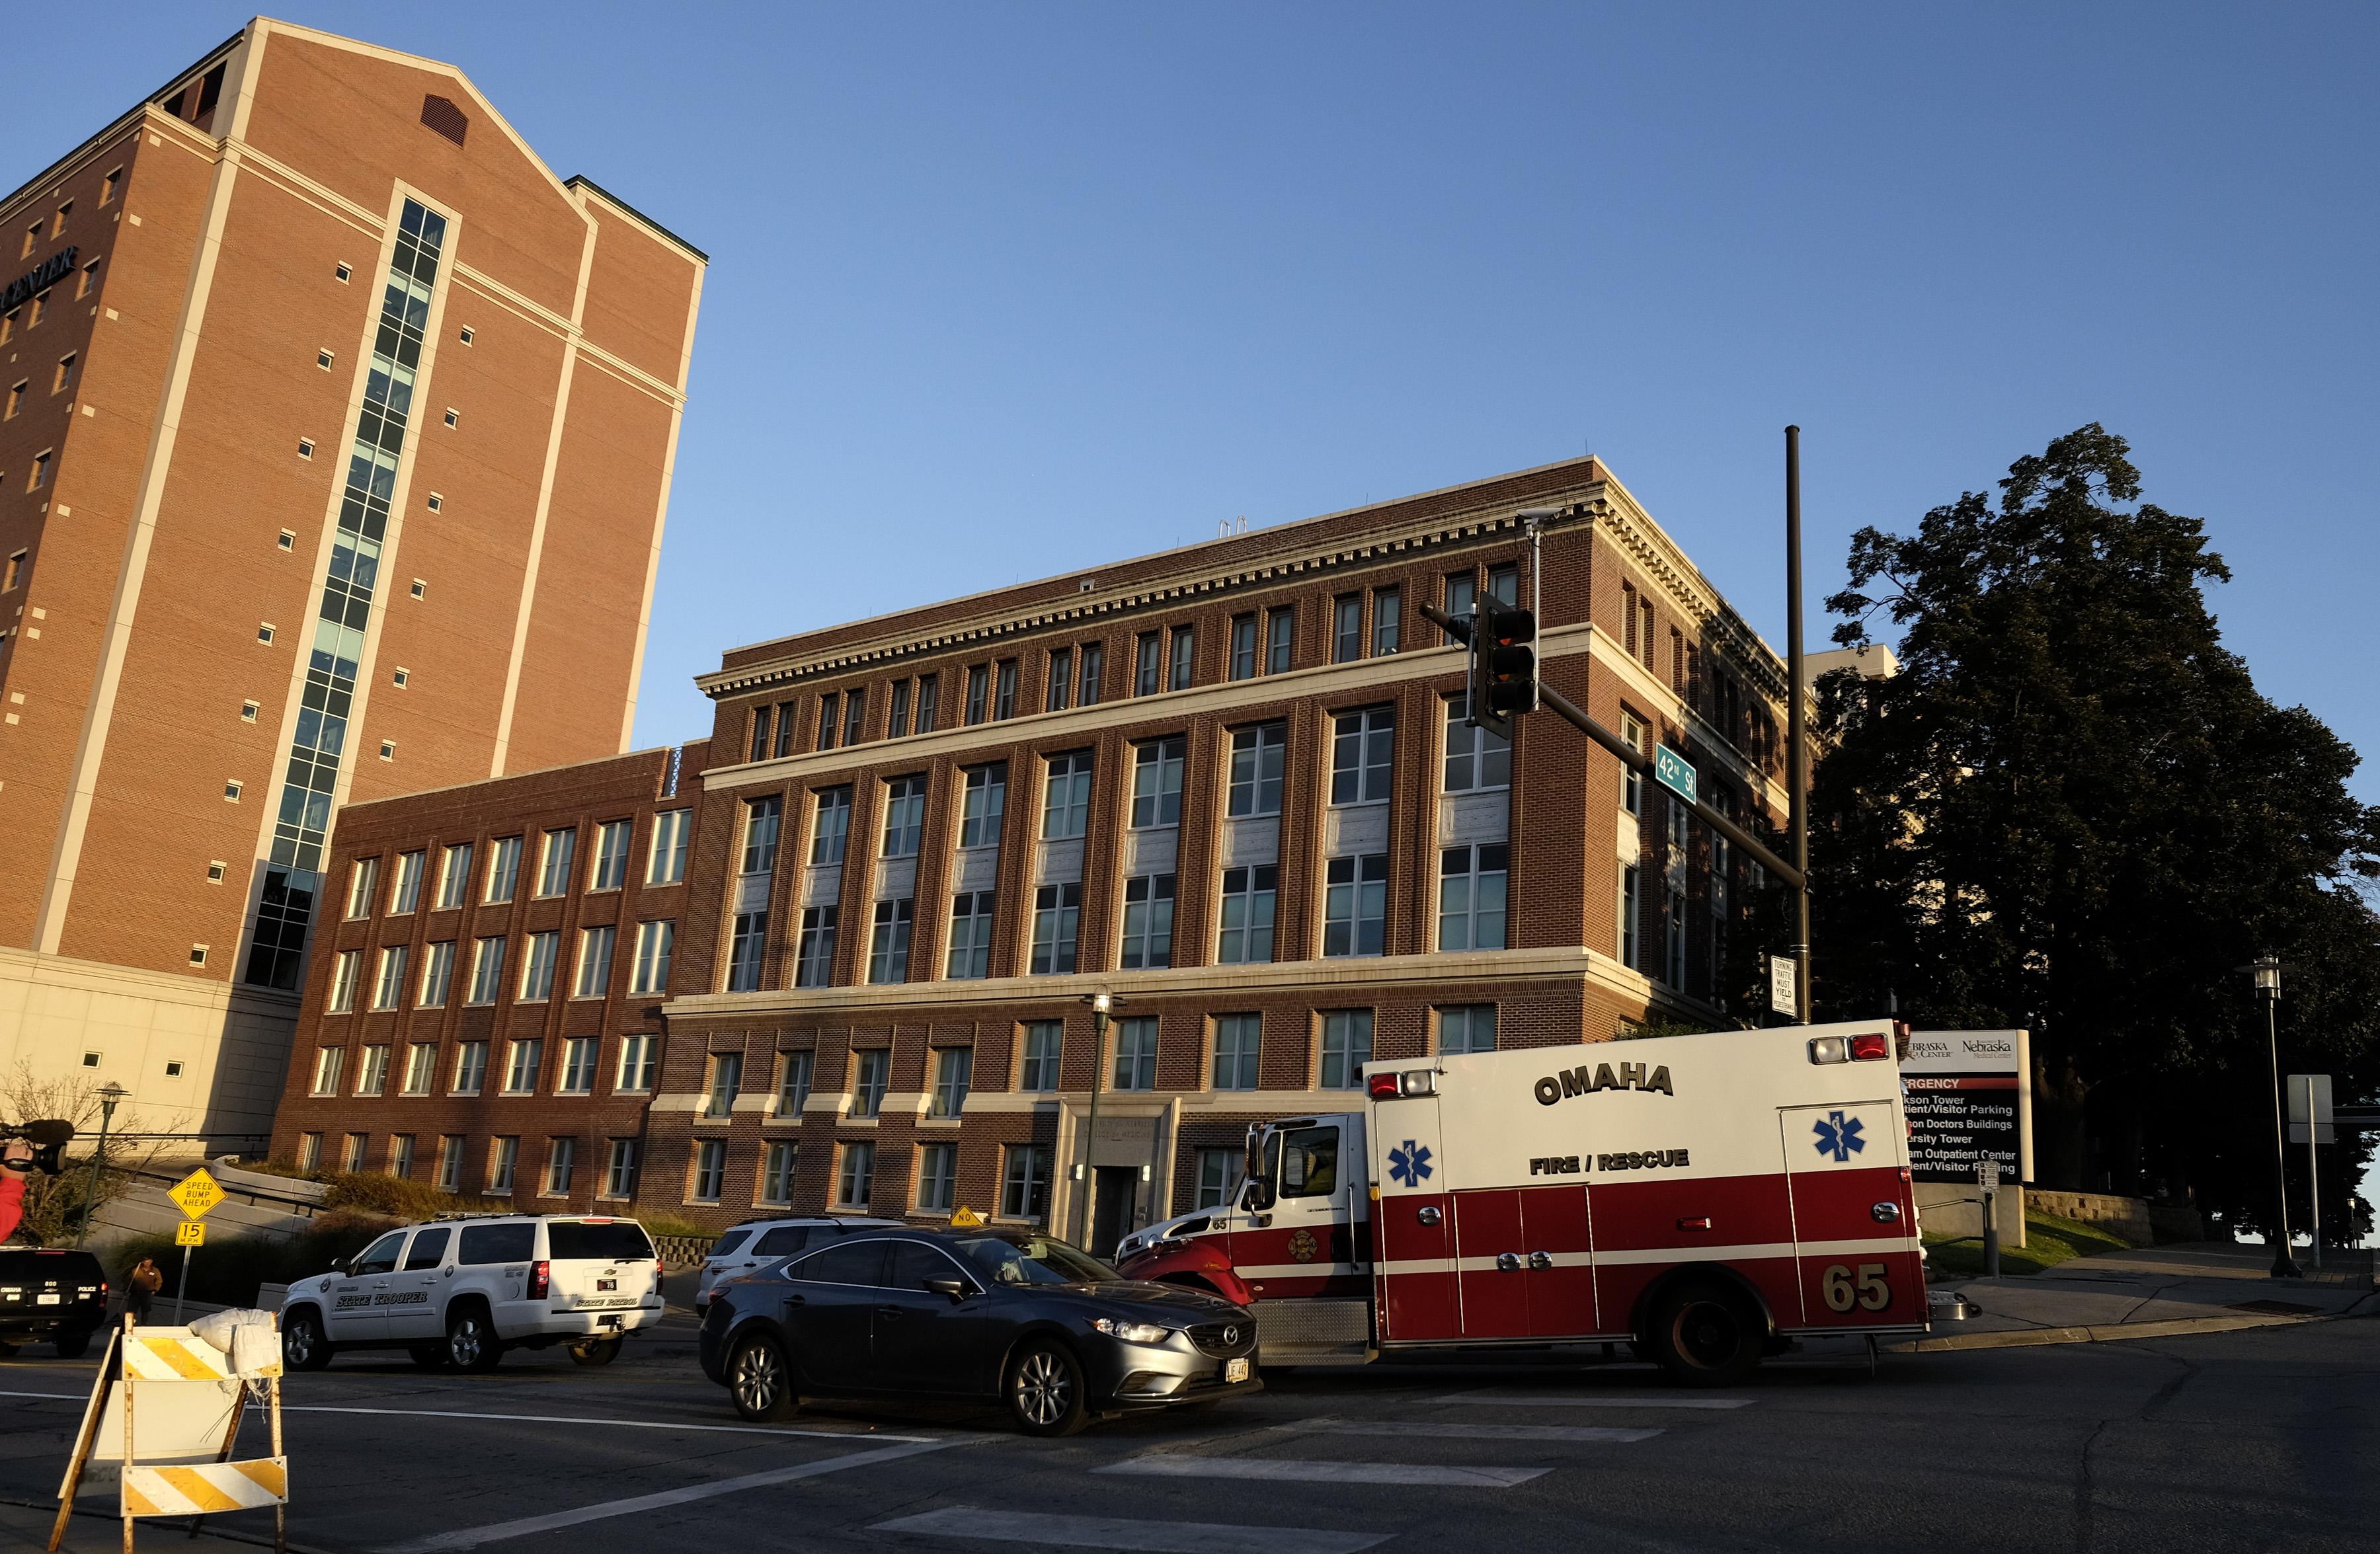 Nebraska Medical Center on Oct. 6, 2014 in Omaha, Nebraska.